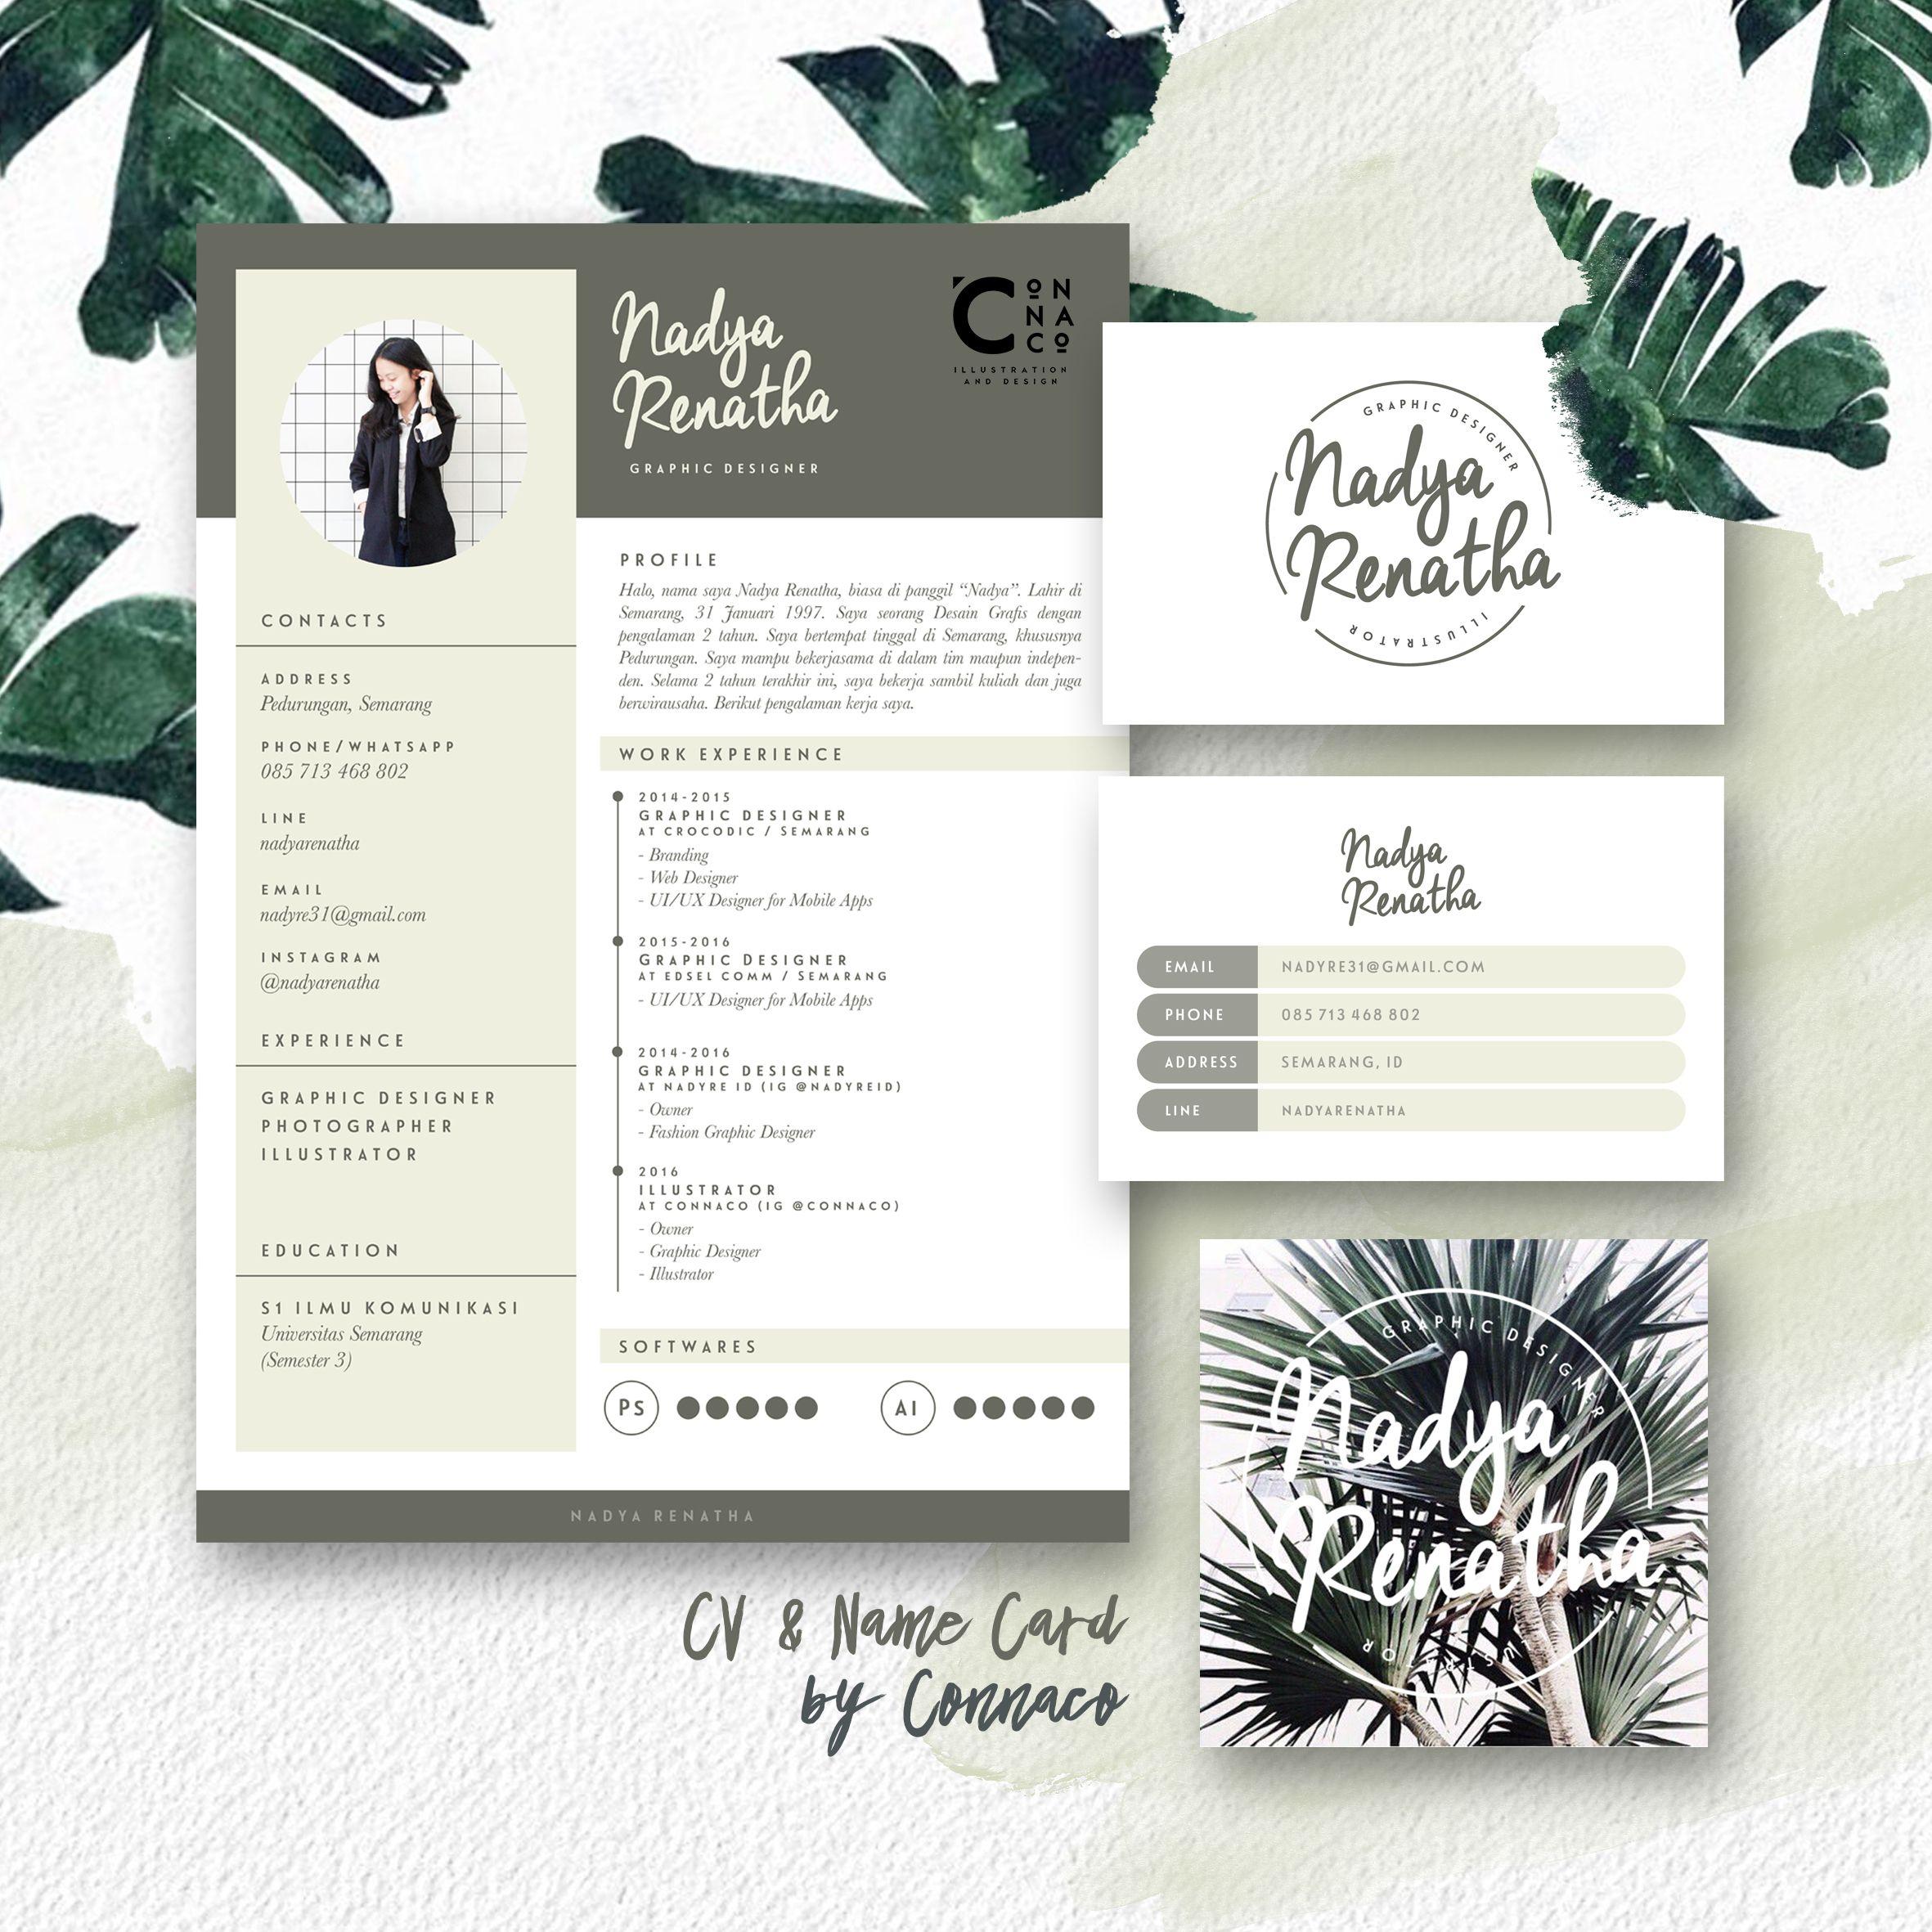 Personal Branding by Connaco - Logo - Name Card - CV | diseño ...